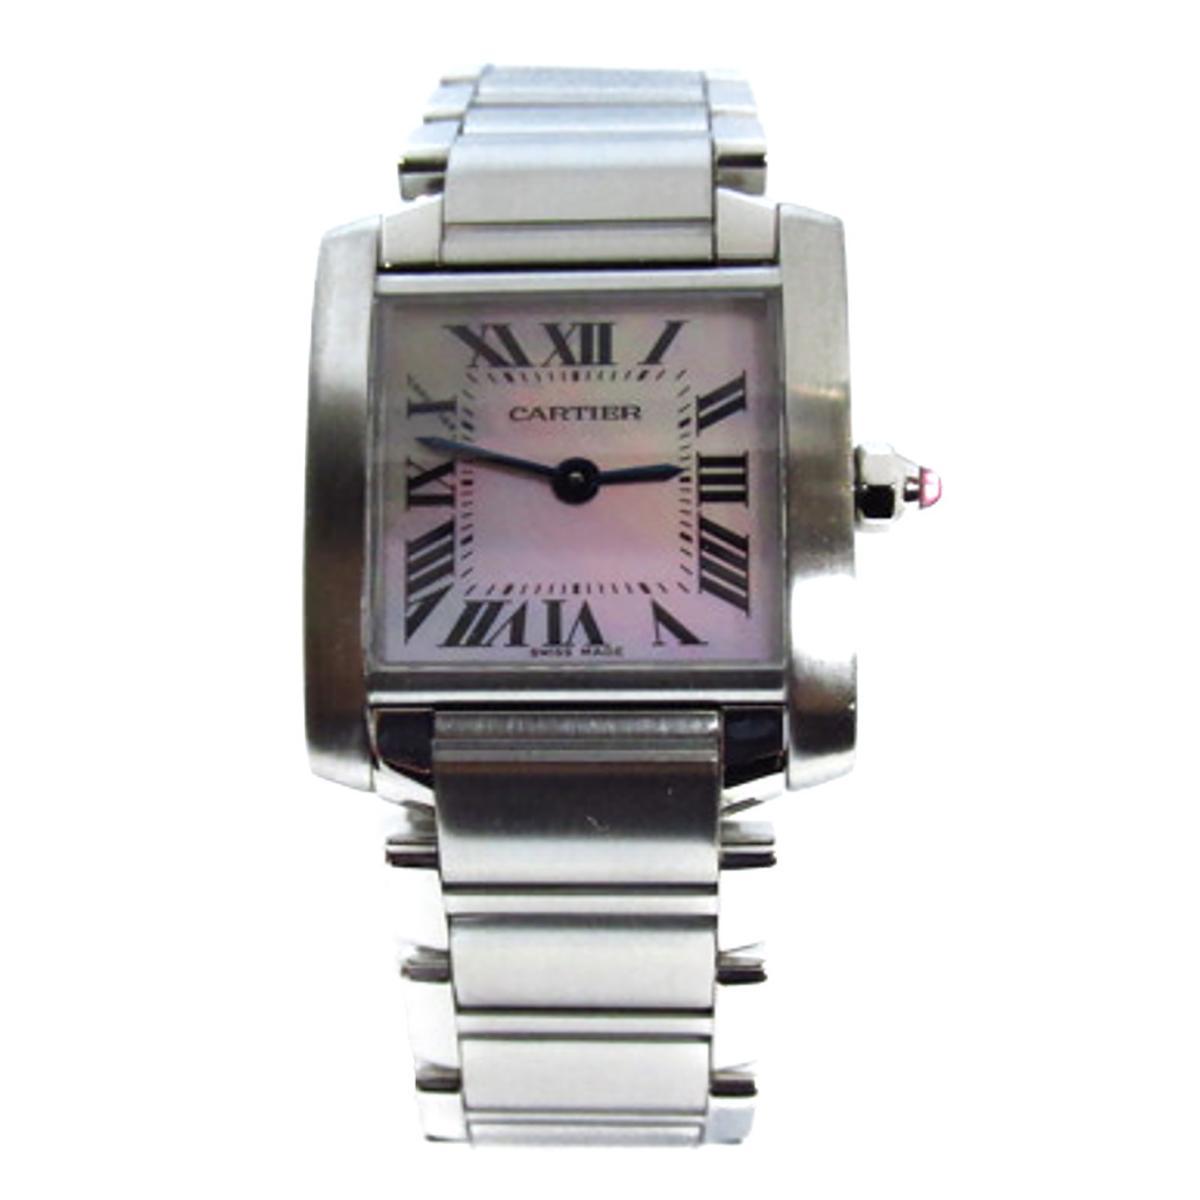 タンクフランセーズSM ピンクシェル 腕時計/人気/おすすめ